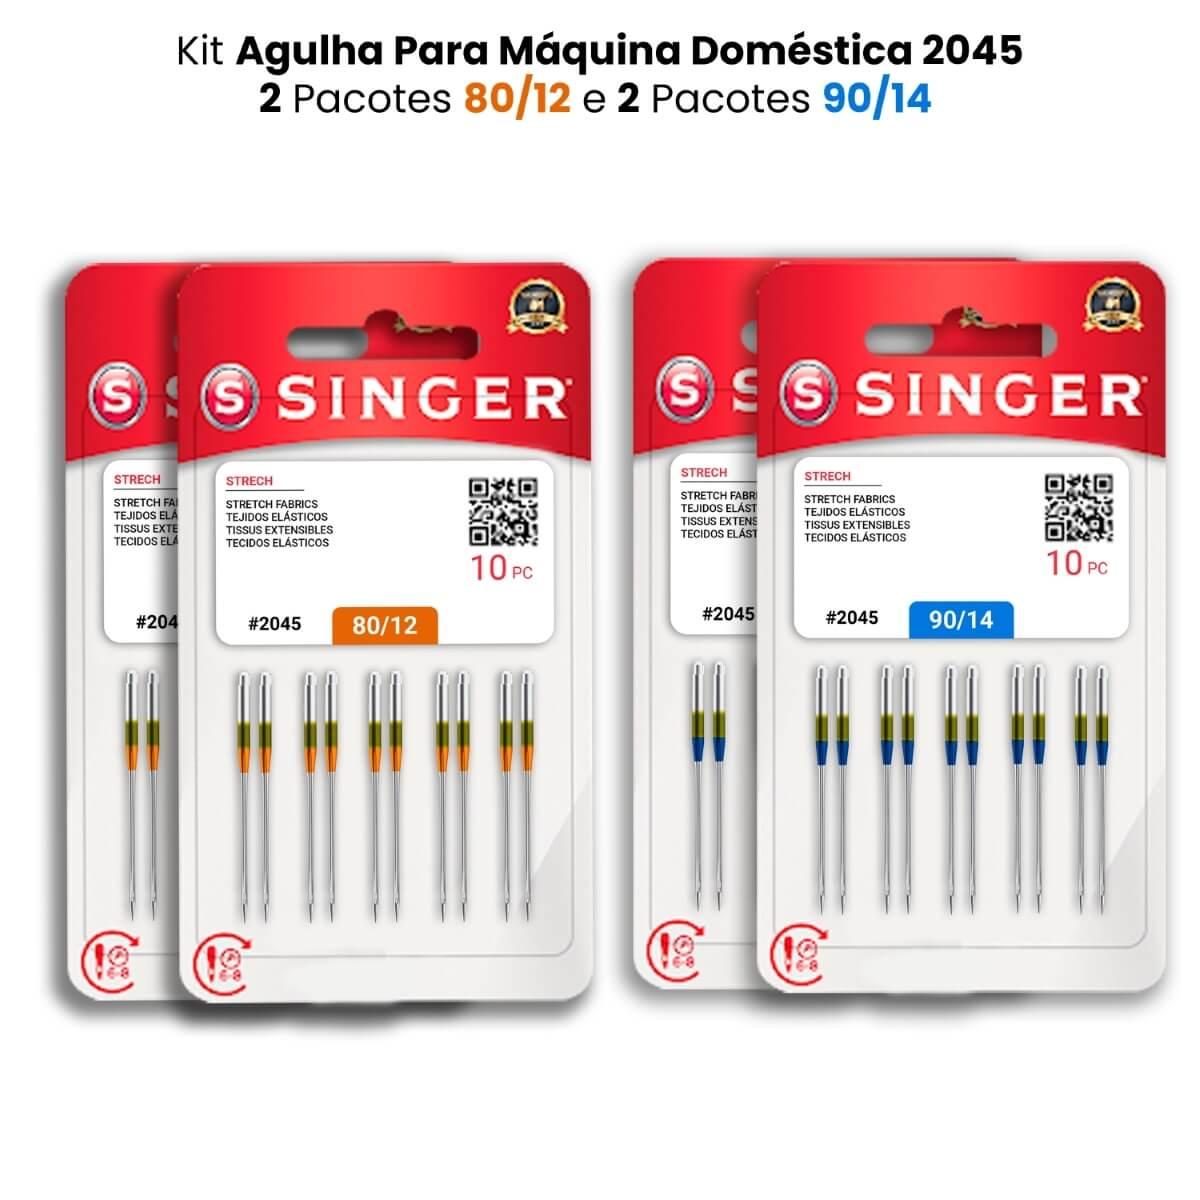 Agulha Singer Para Máquina de Costura Domestica 2045 130/705 Kit com 2 PCT 80/12 e 2 PCT 90/14  - Pavvia Agulhas e Peças